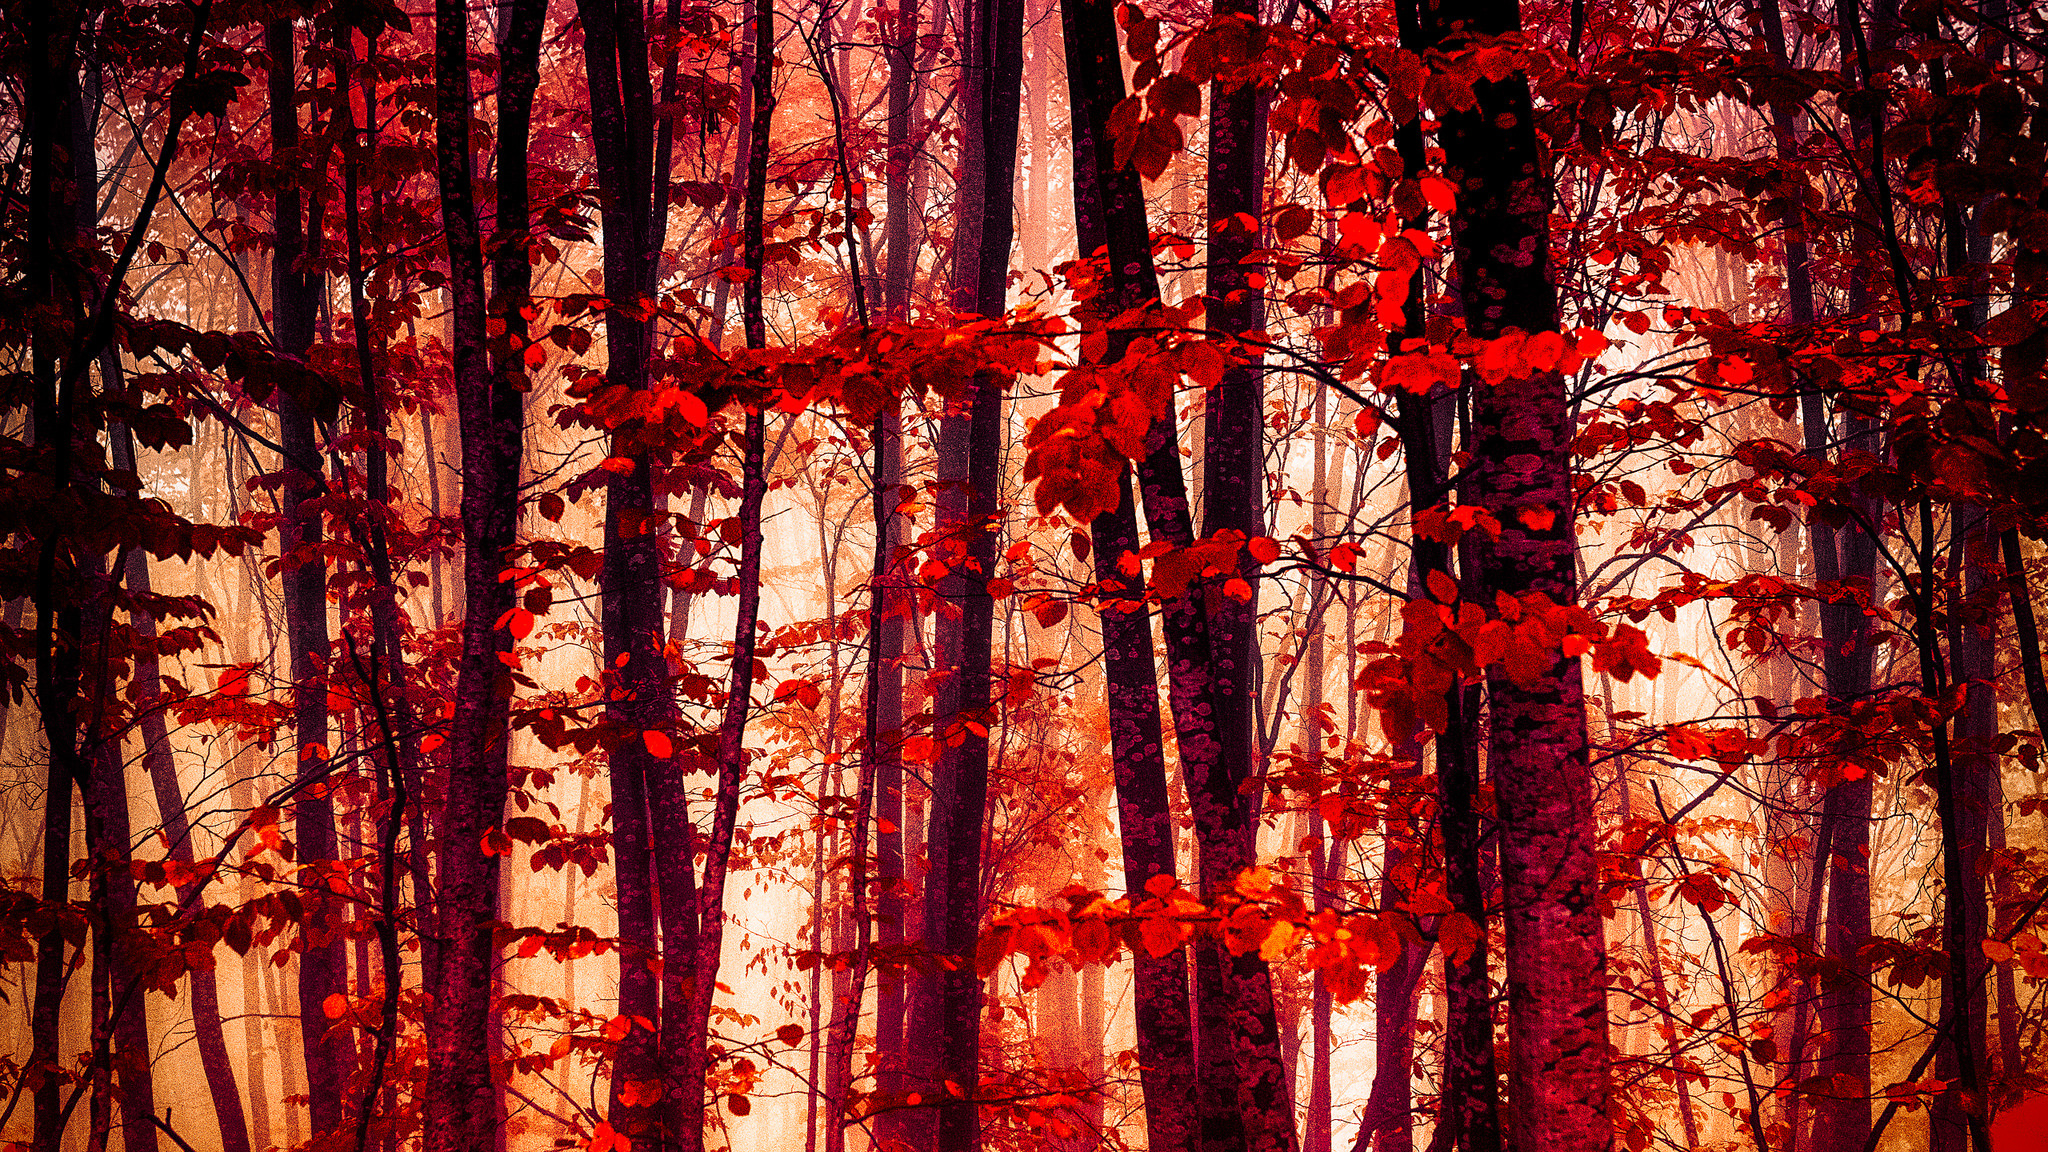 природа деревья листья осень nature trees leaves autumn  № 1036892 бесплатно